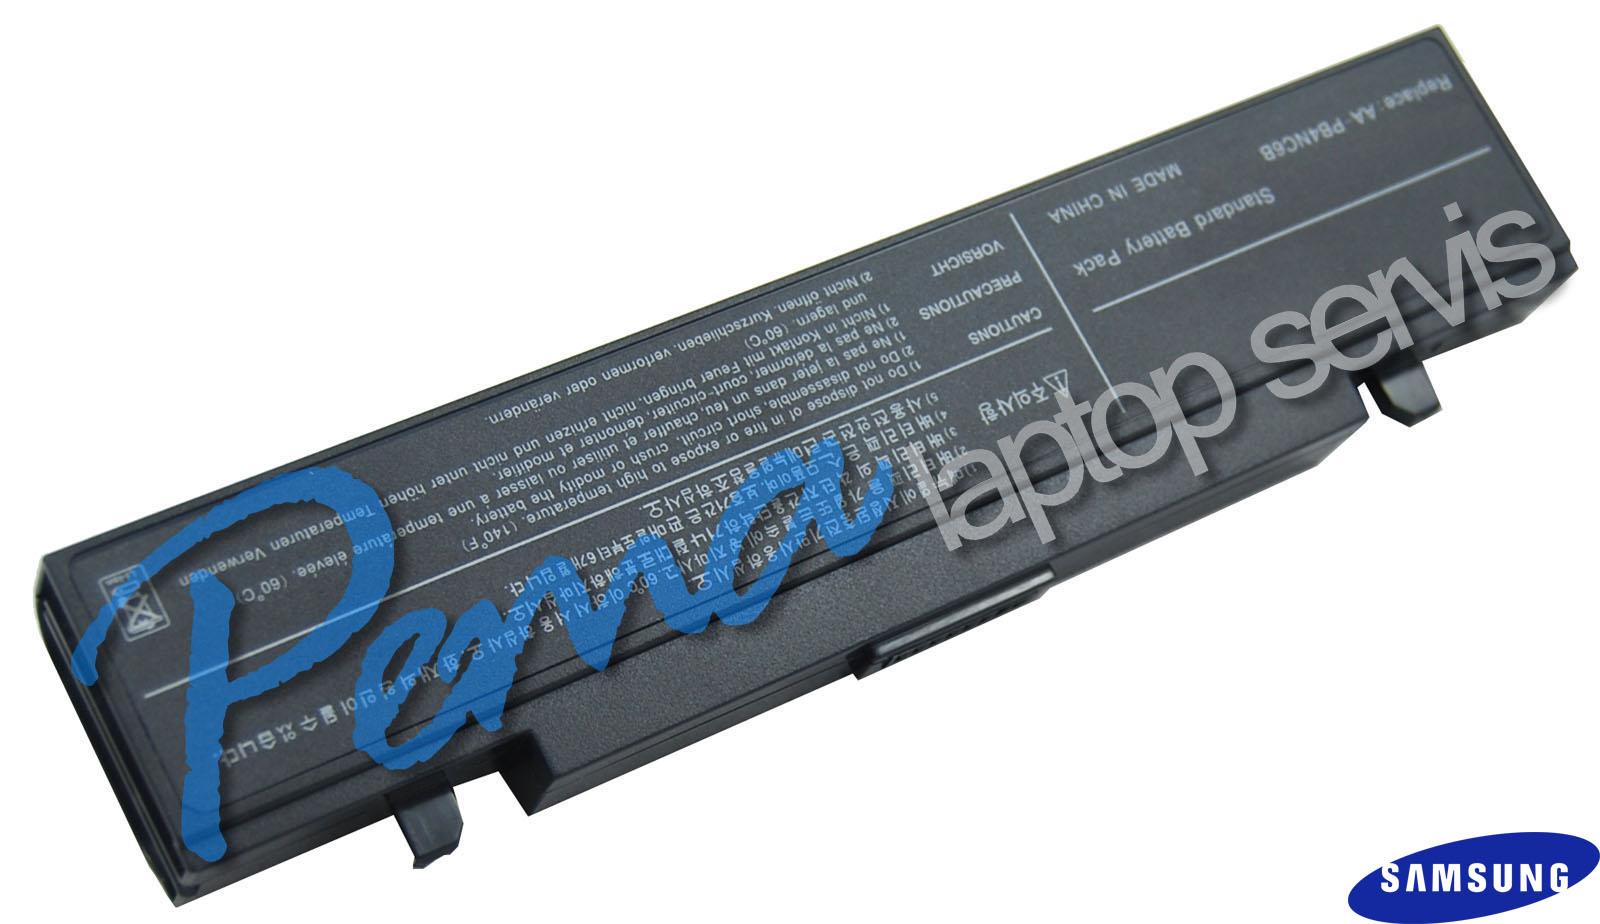 Samsung S3511 batarya